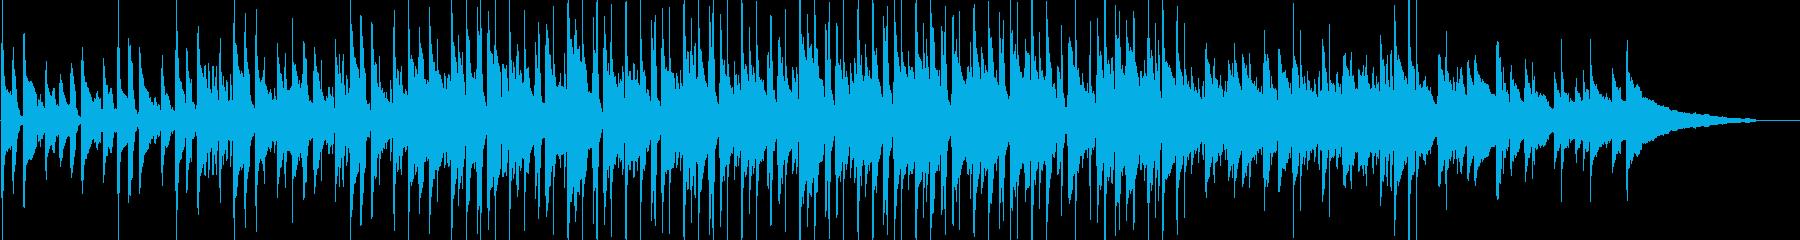 インスピレーションを与えるアコース...の再生済みの波形